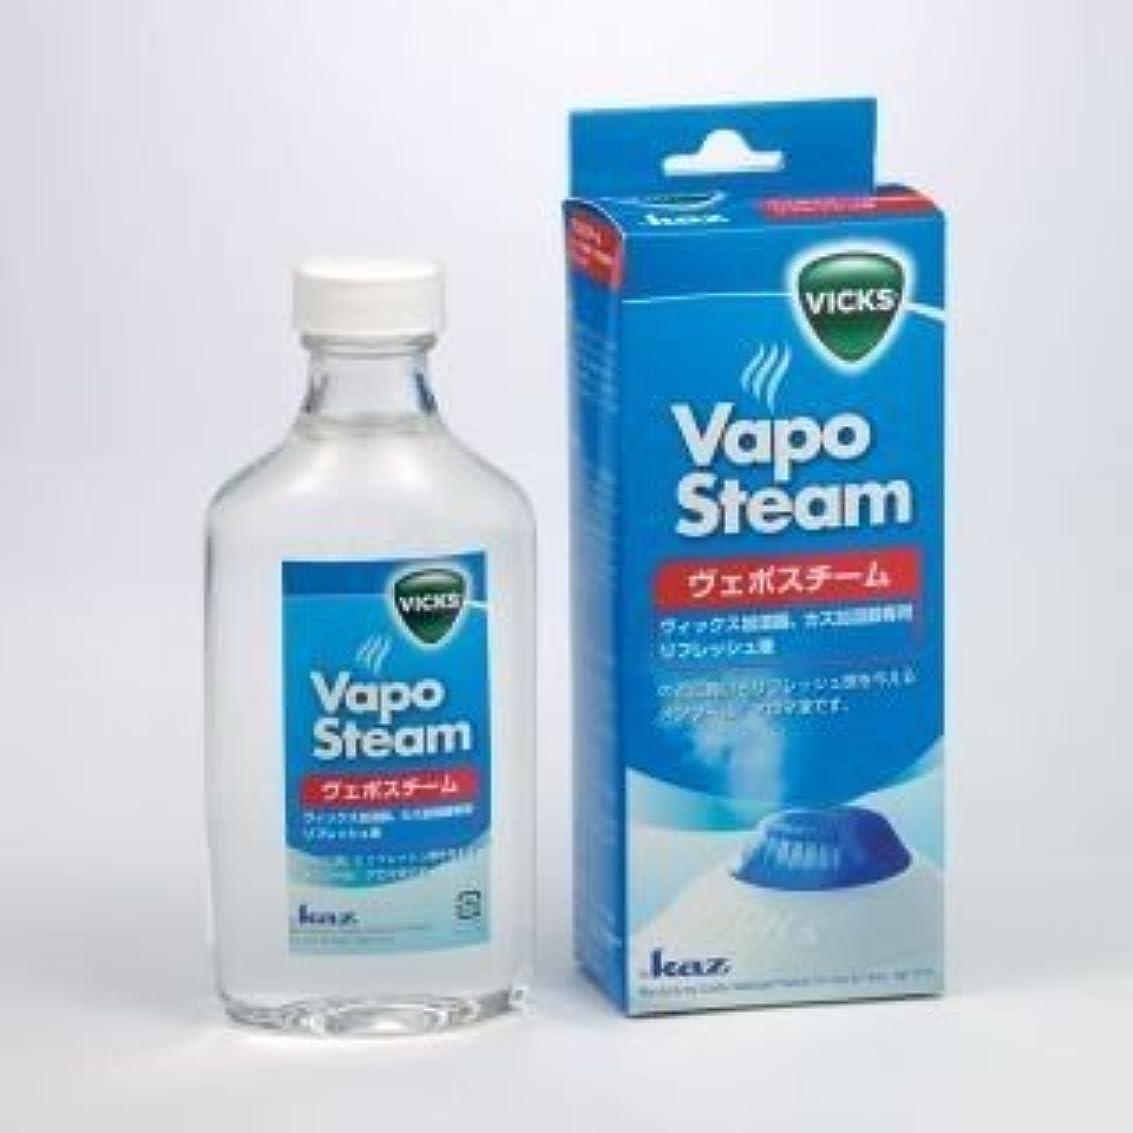 アピール余計な喉に潤いとリフレッシュ感を与えるアロマテラピー液!加湿器から噴出されるスチームとともにメンソール成分の入ったリフレッシュ液の香りが一緒に発散!【3個セット】